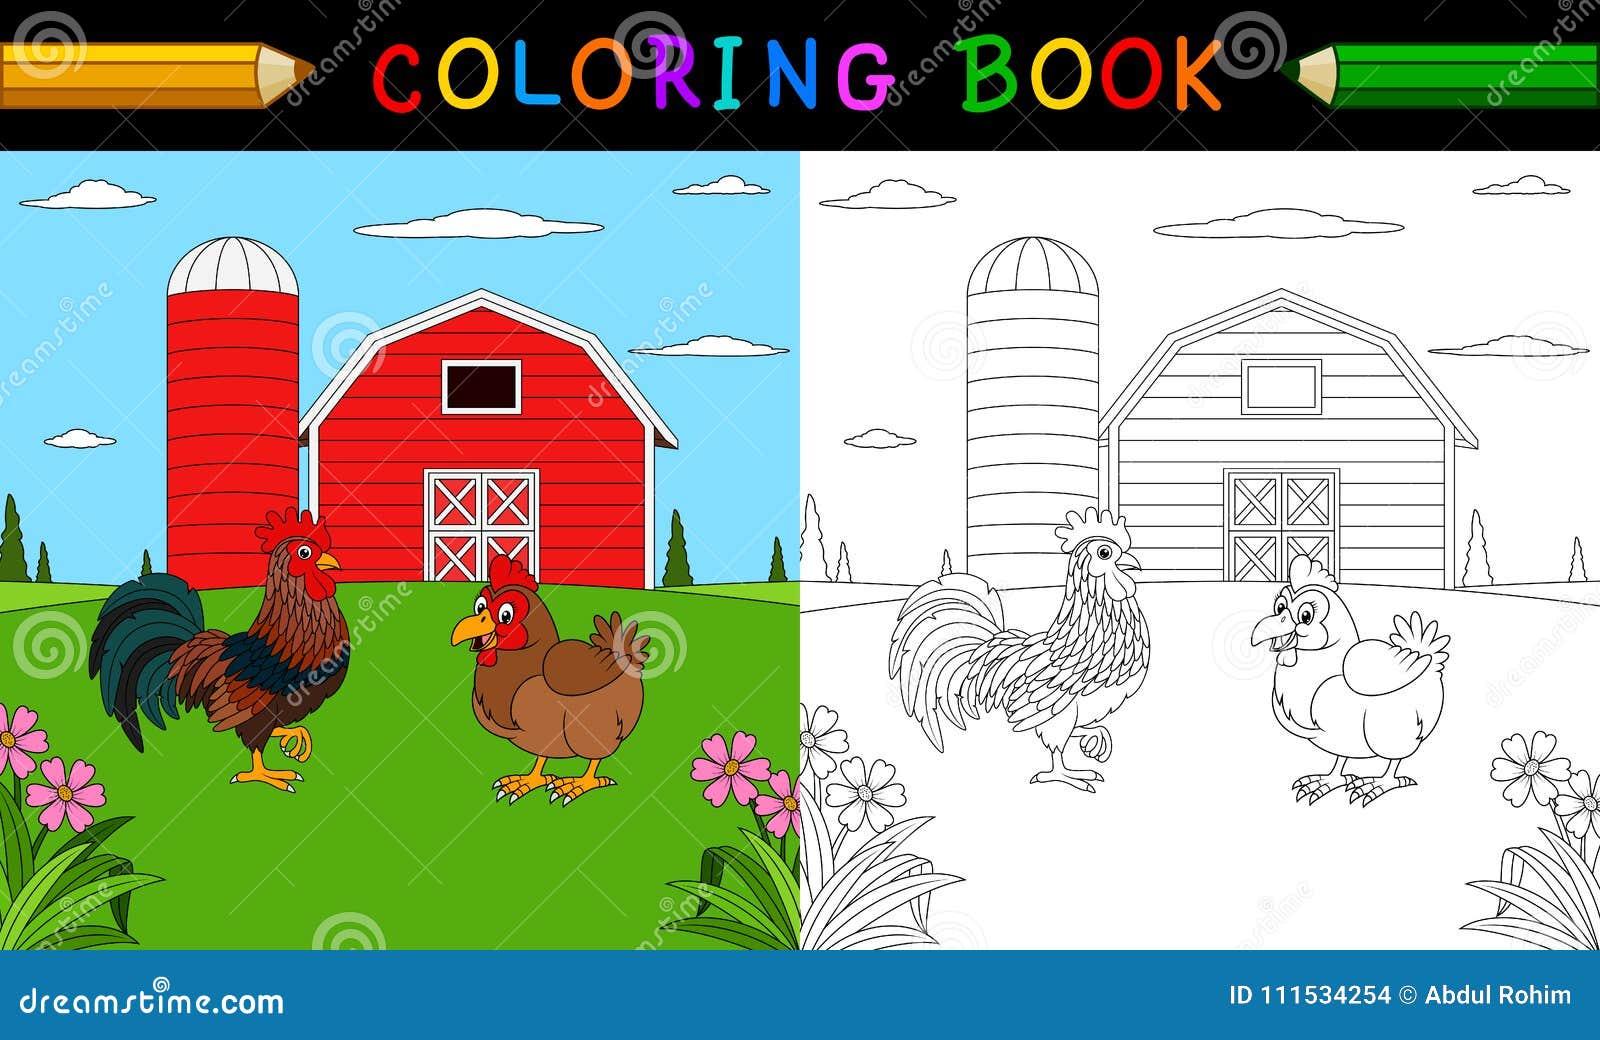 le grand livre de coloriage des coqs noir adolescent baise tubes